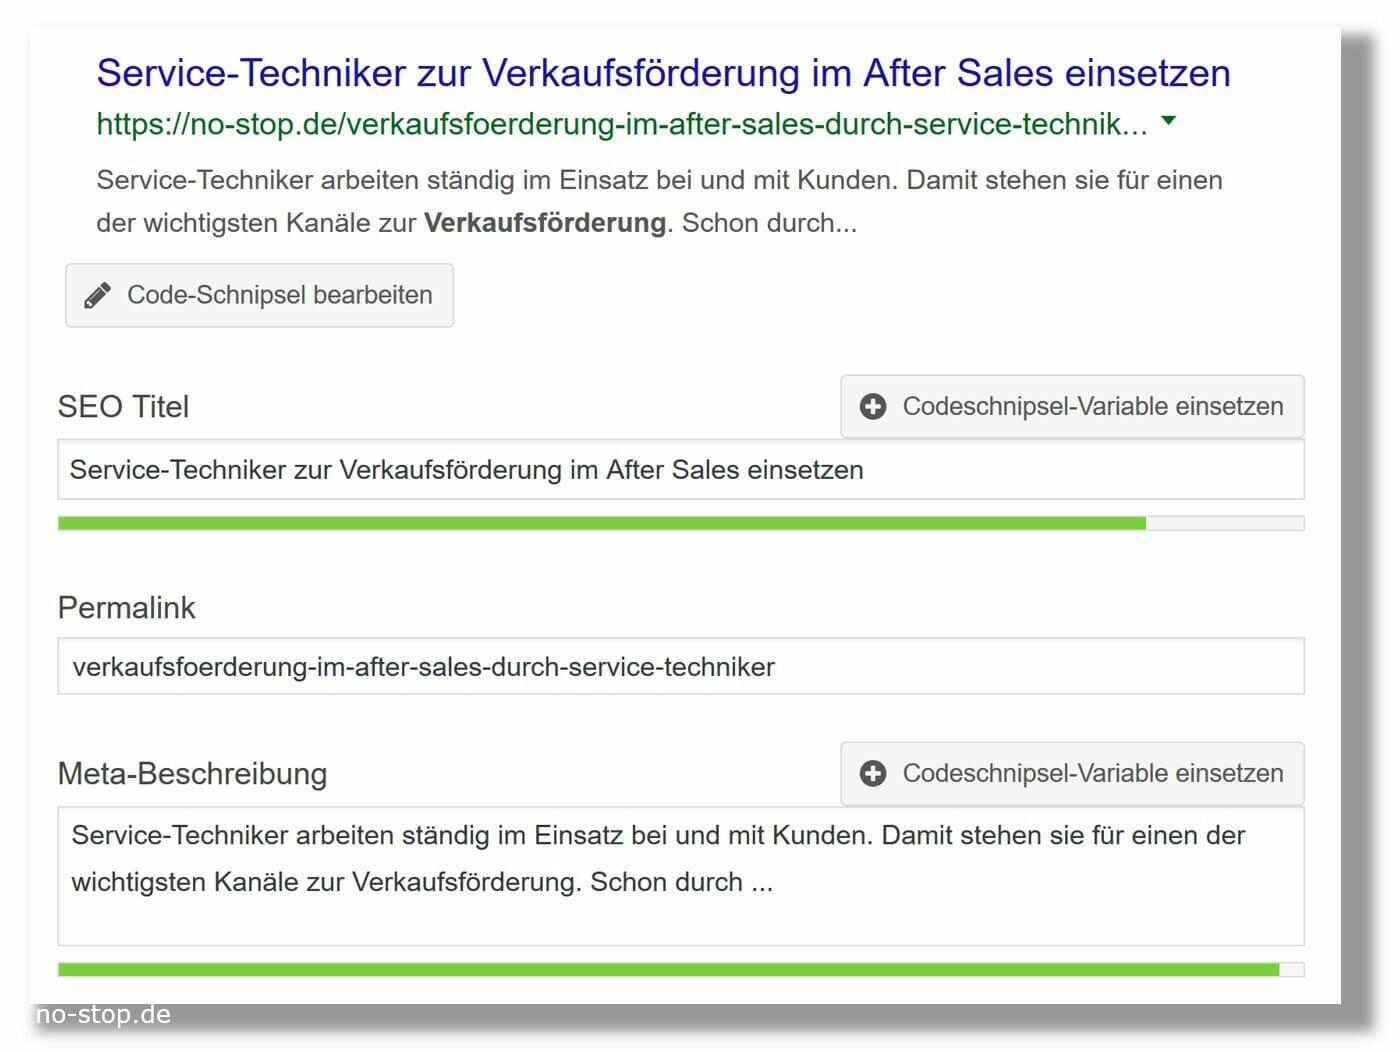 Suchmaschinen-Optimierung im B2B: was soll Google als Suchergebnis anzeigen